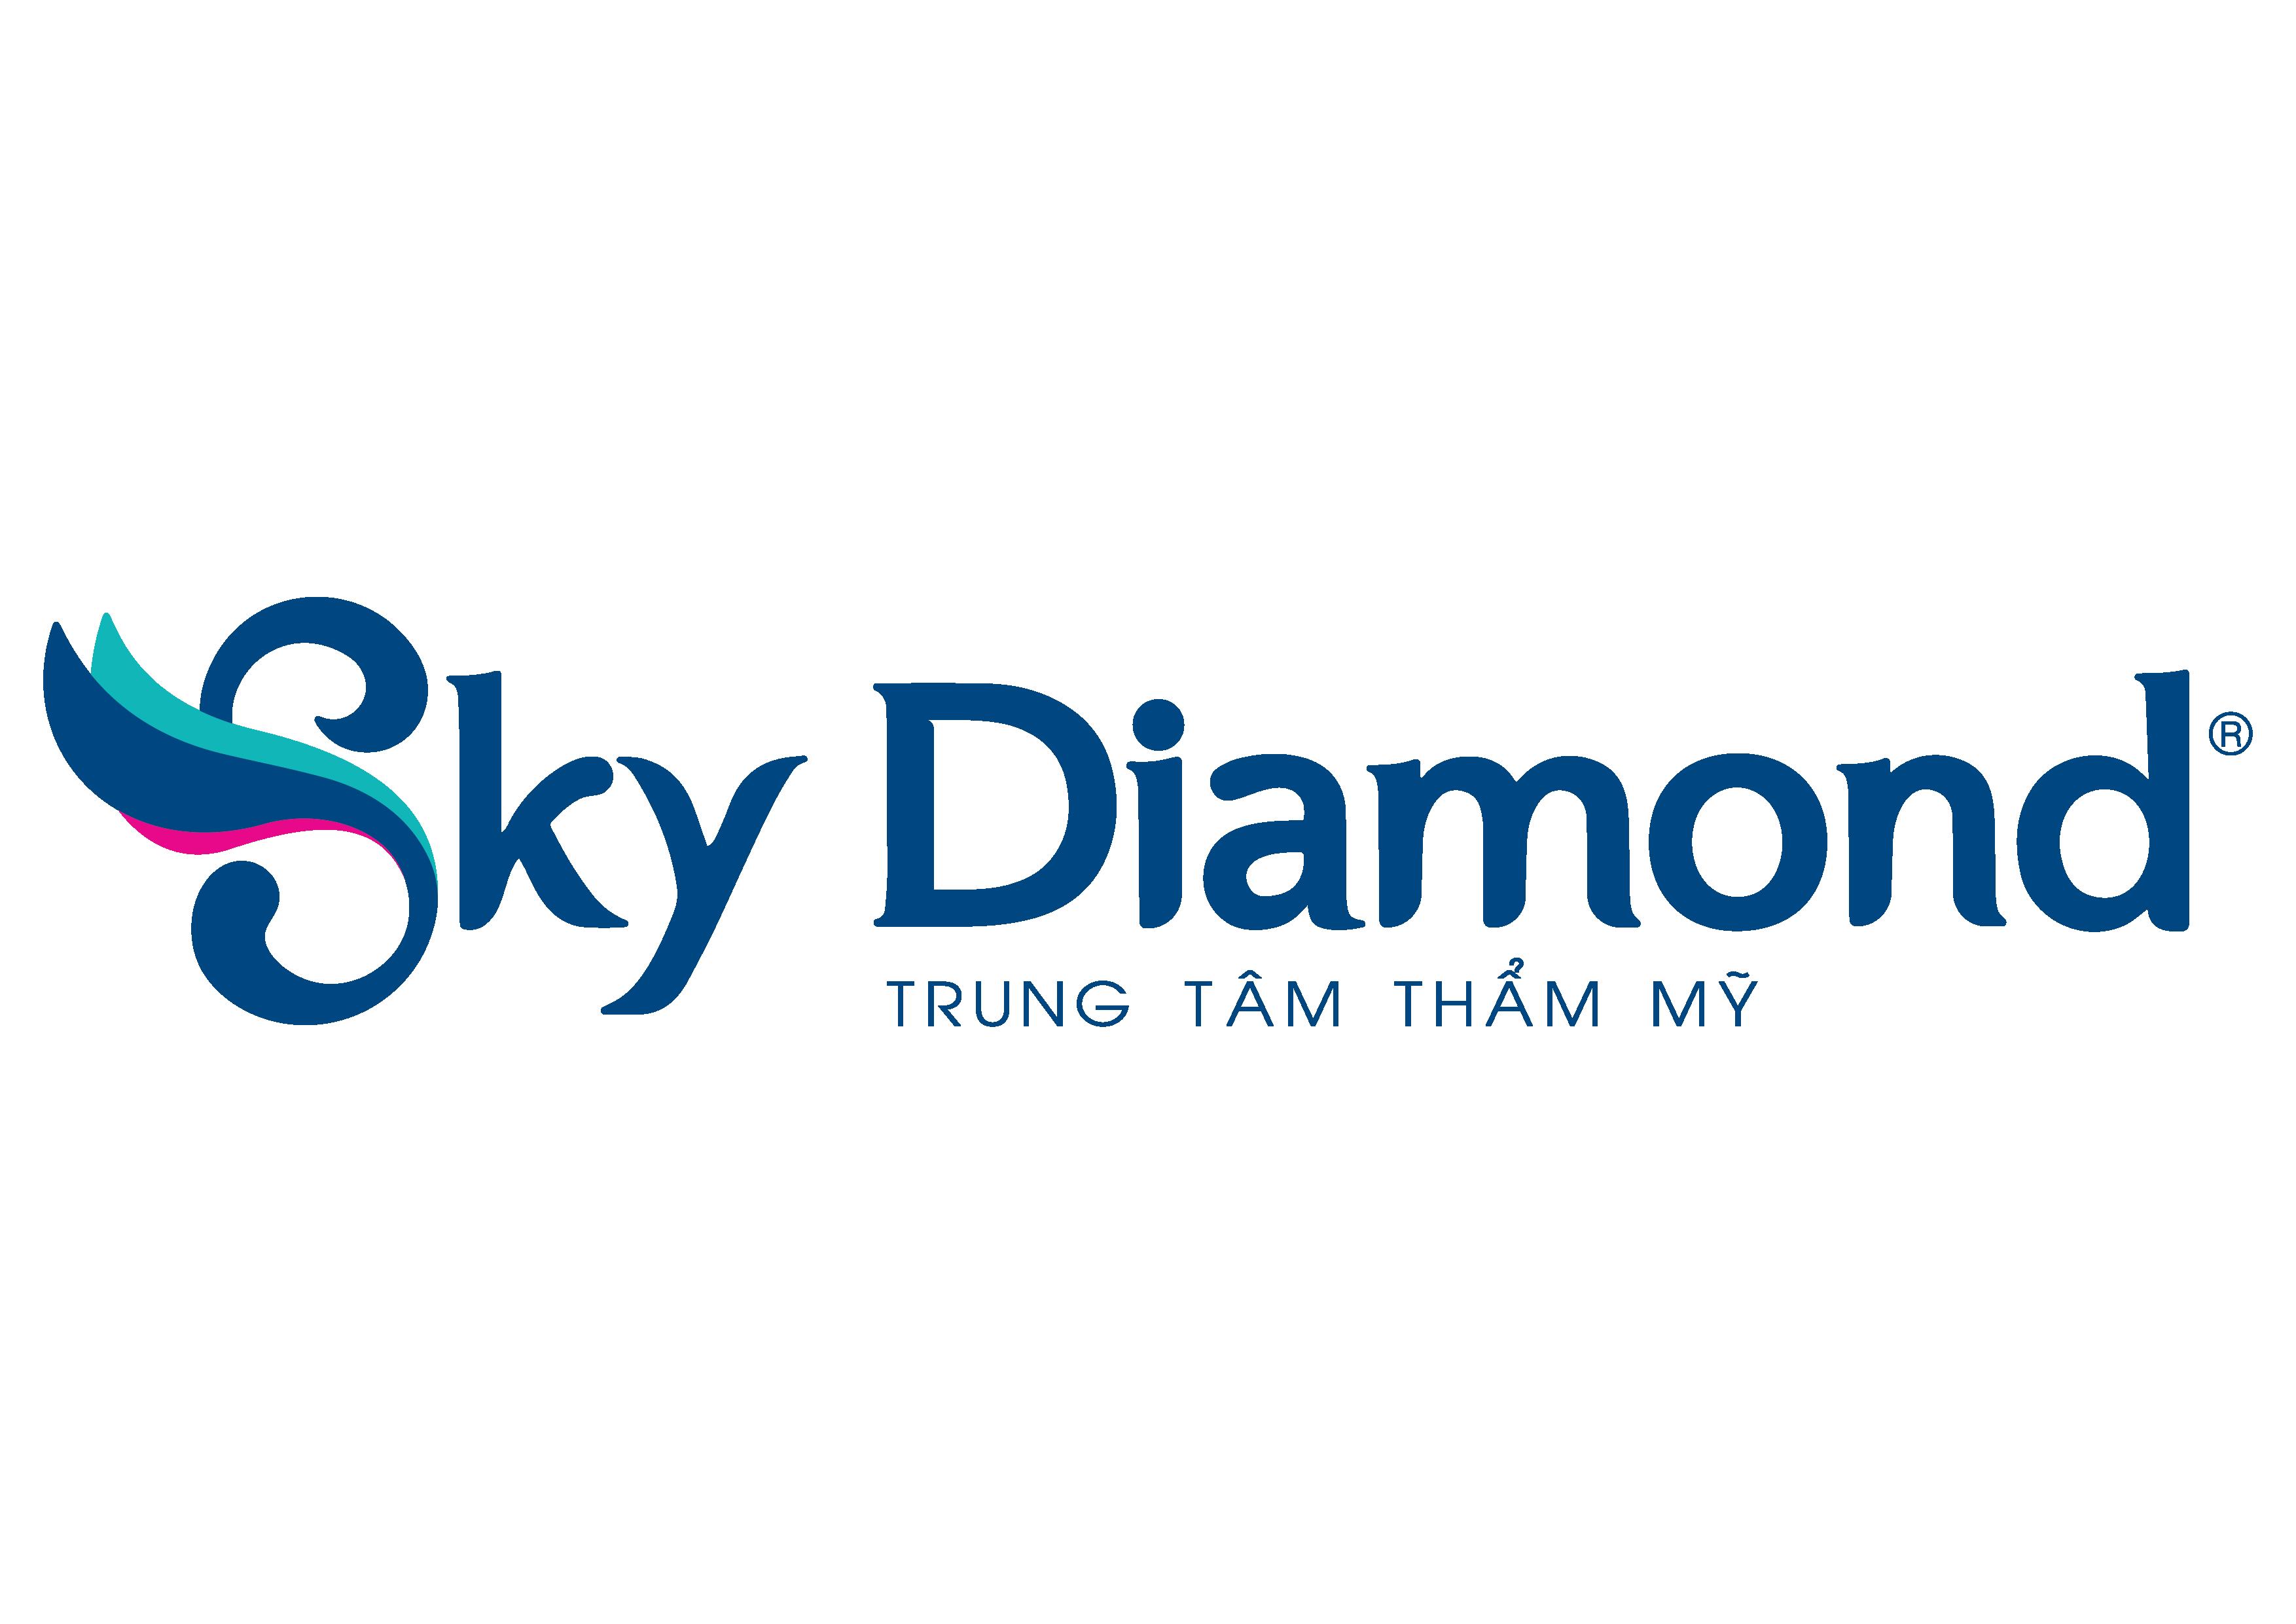 CÔNG TY TNHH TTTM SKY DIAMOND